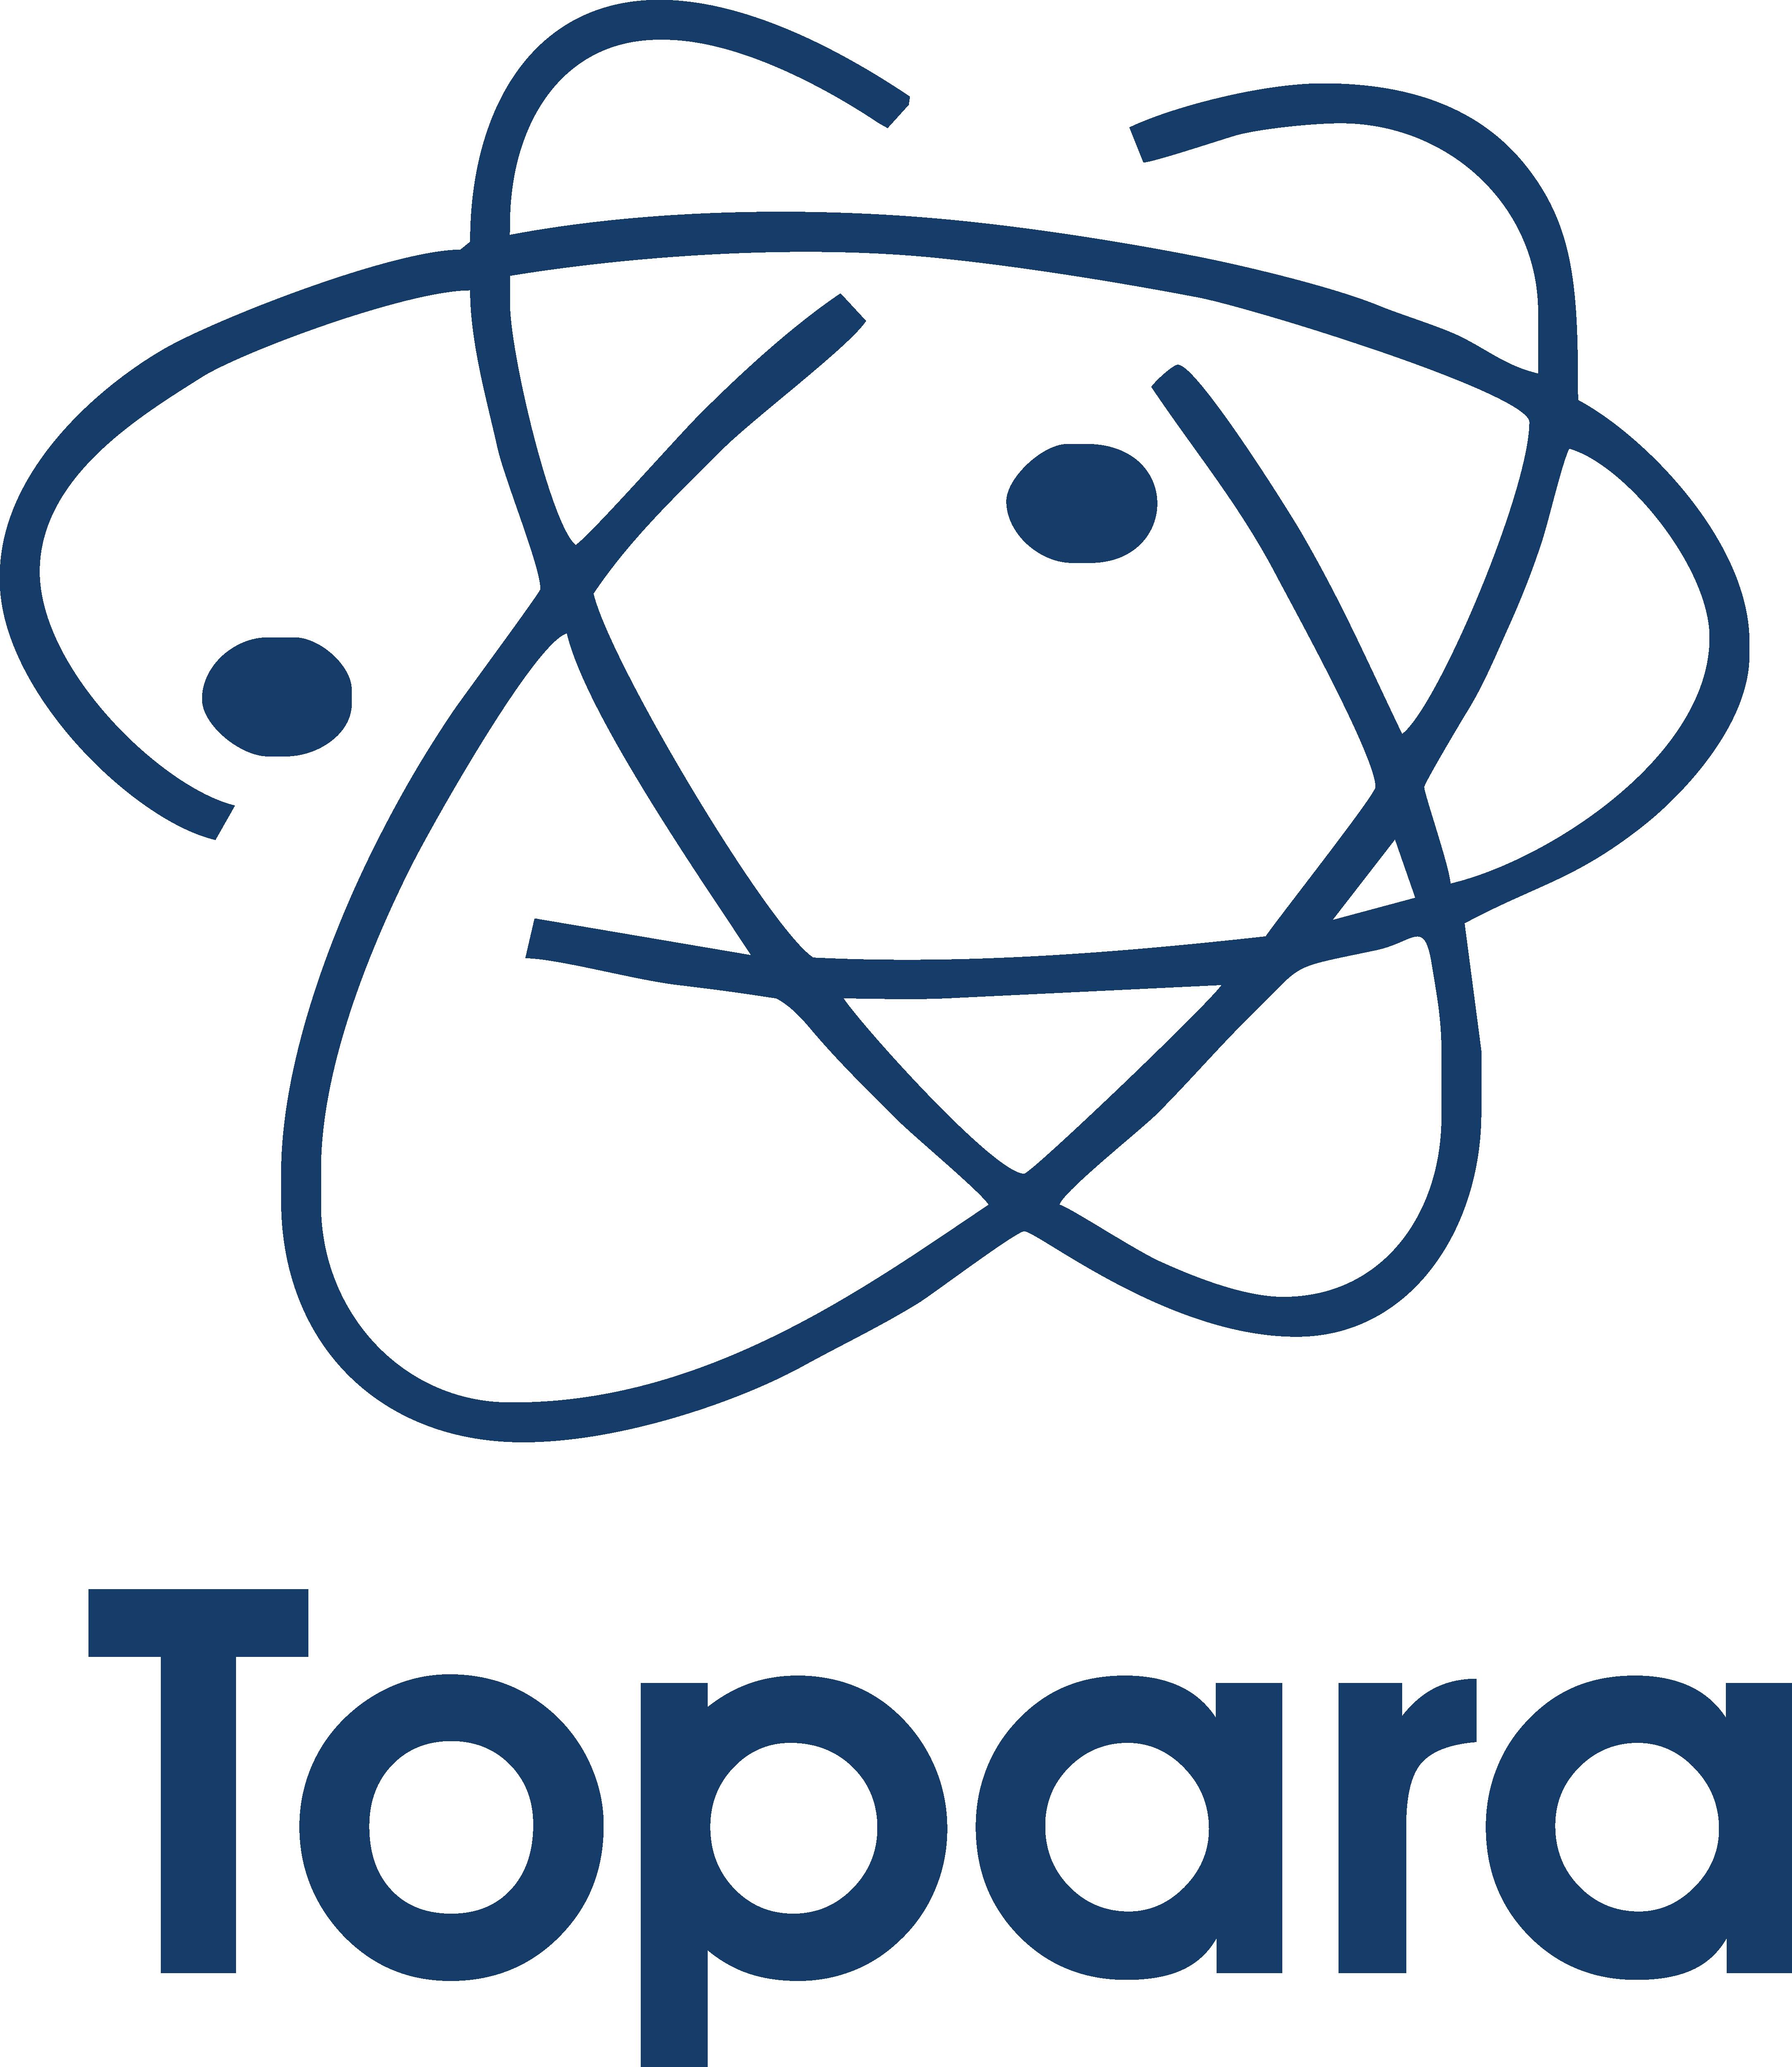 topara_logo_3